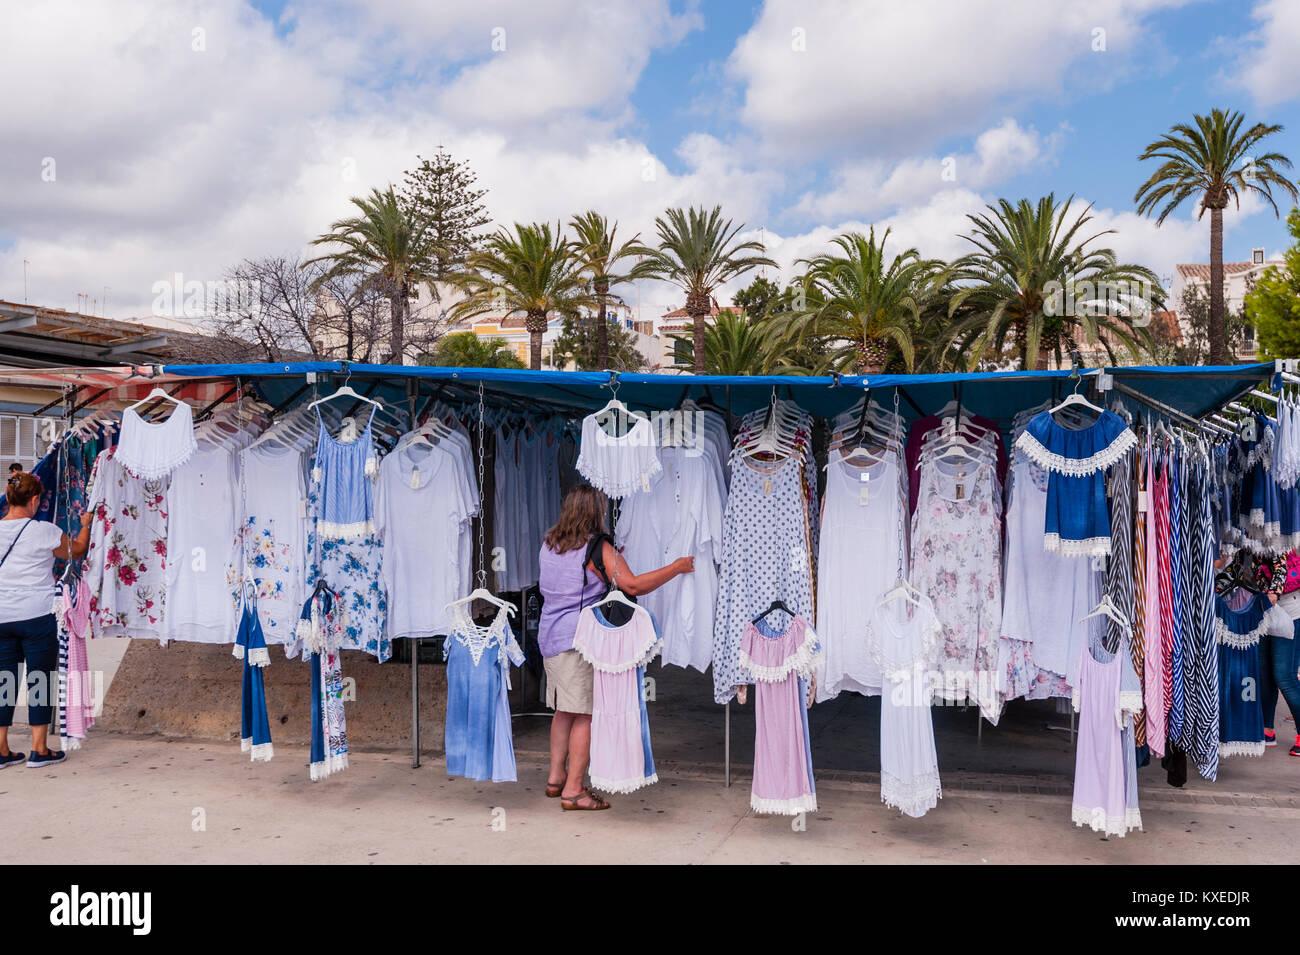 dec87de78b0 Ropa para la venta en el mercado de la calle en Mahón